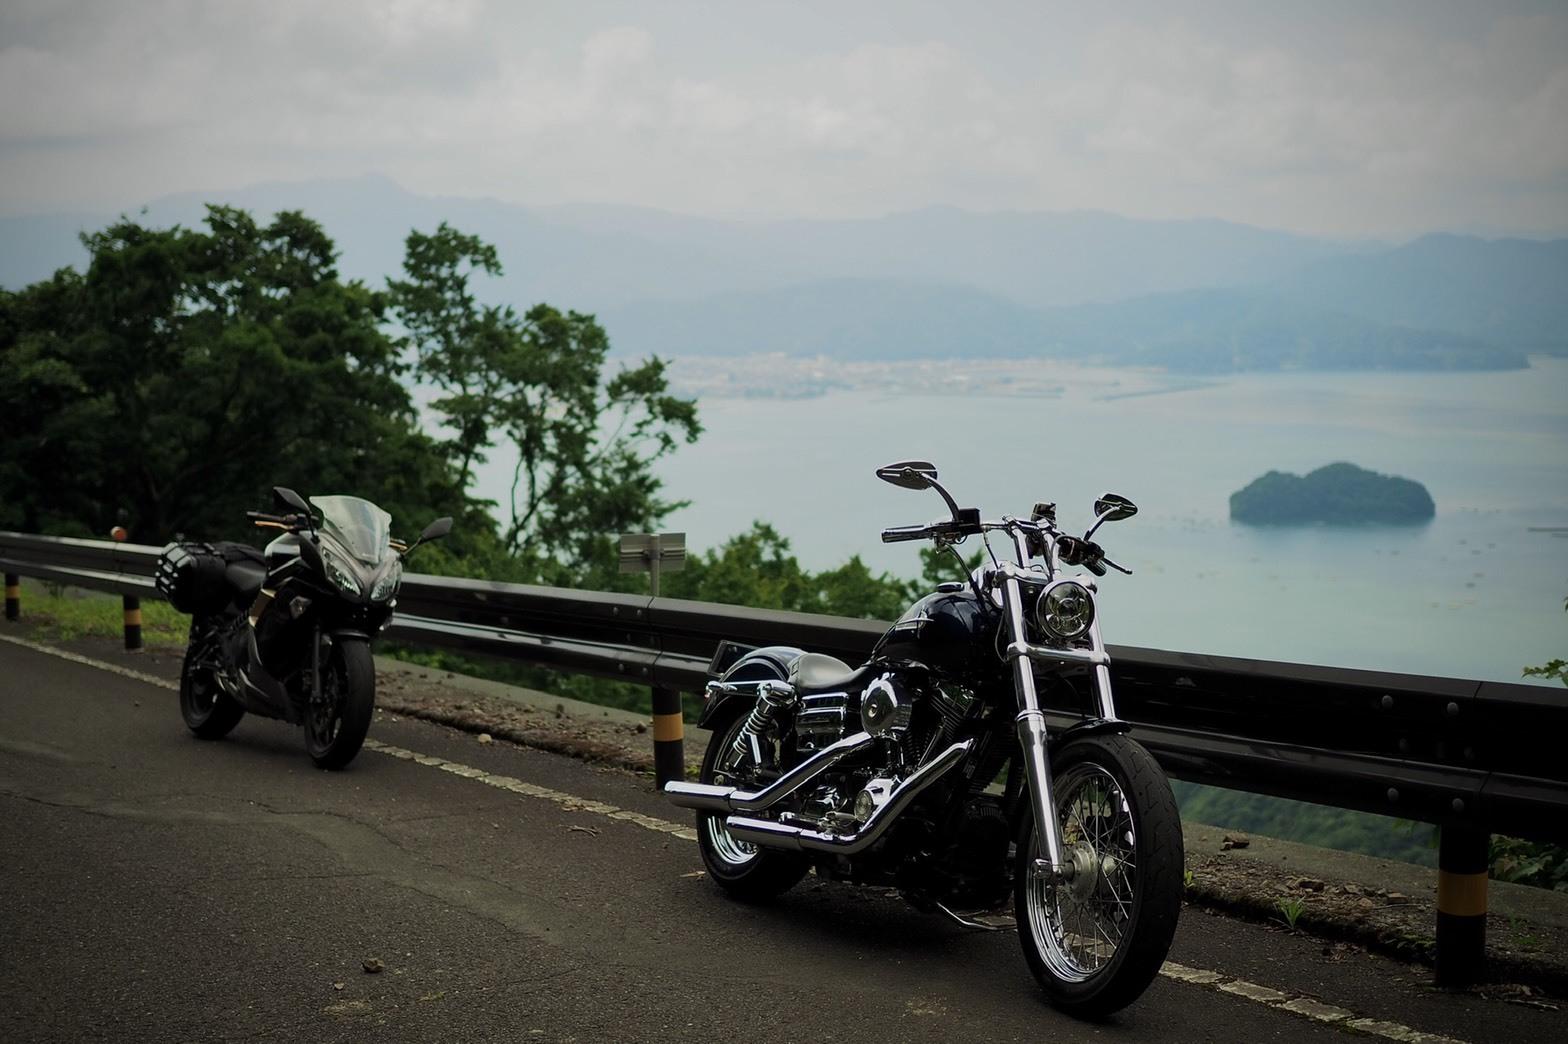 ぴーきちハーレーブログ 福井三方五湖ツーリング エンゼルラインの絶景